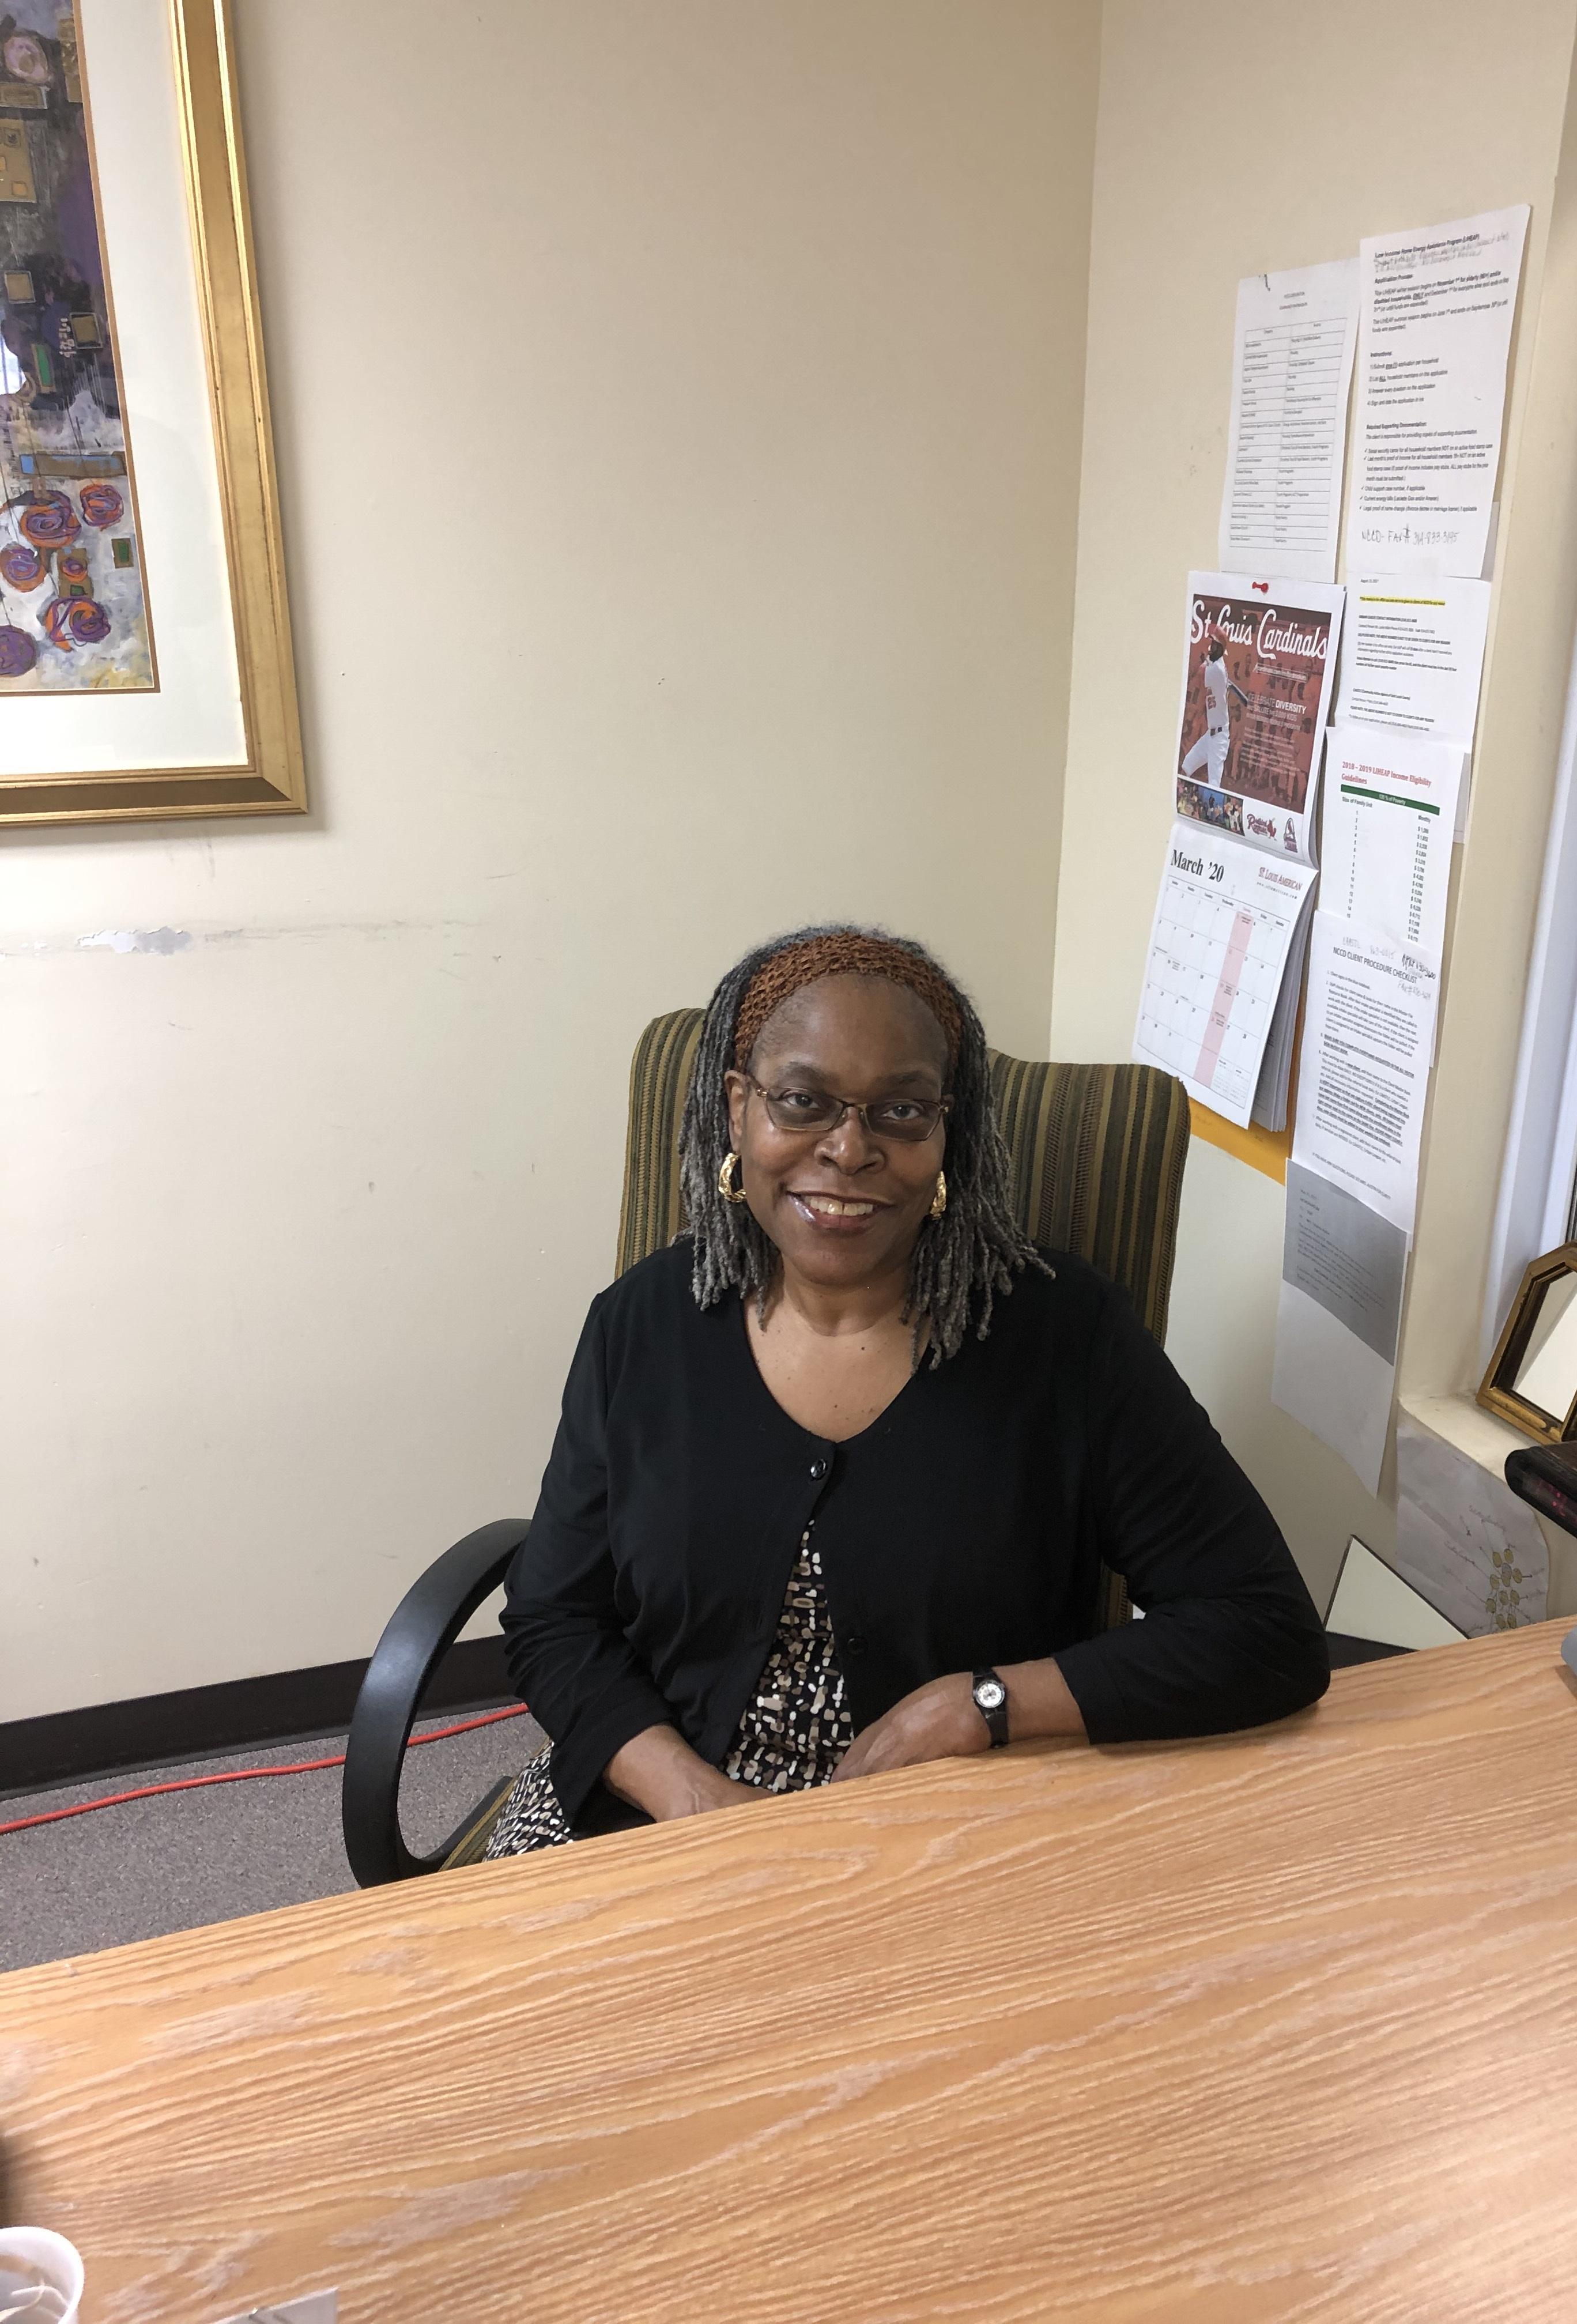 Loretta Weaver, Intake Specialist